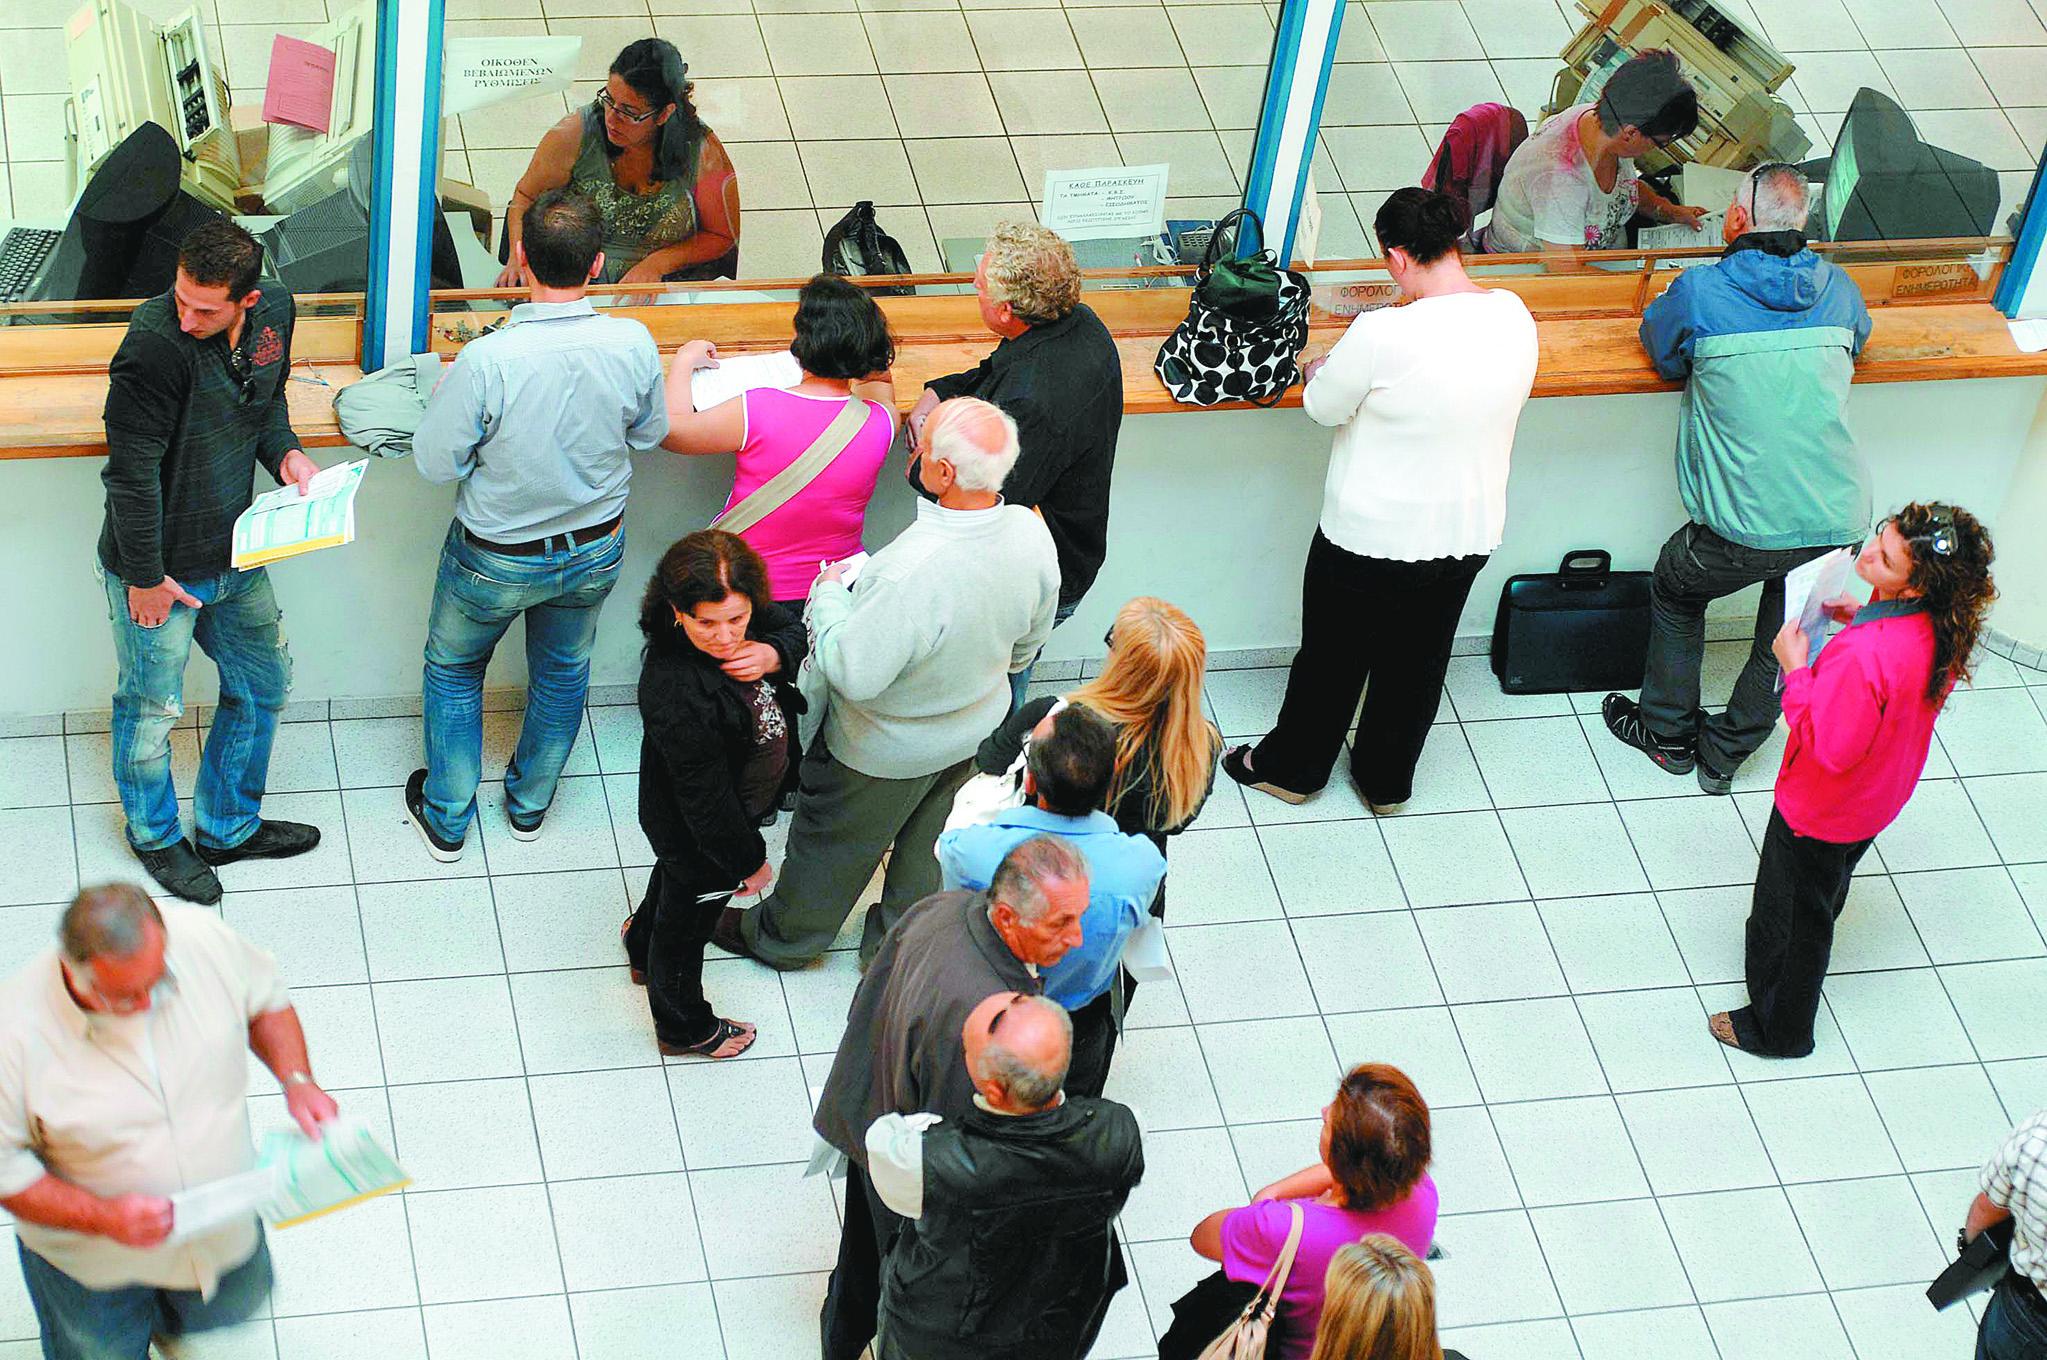 Δύσκολα θα αποφευχθούν οι απολύσεις στο Δημόσιο   tovima.gr